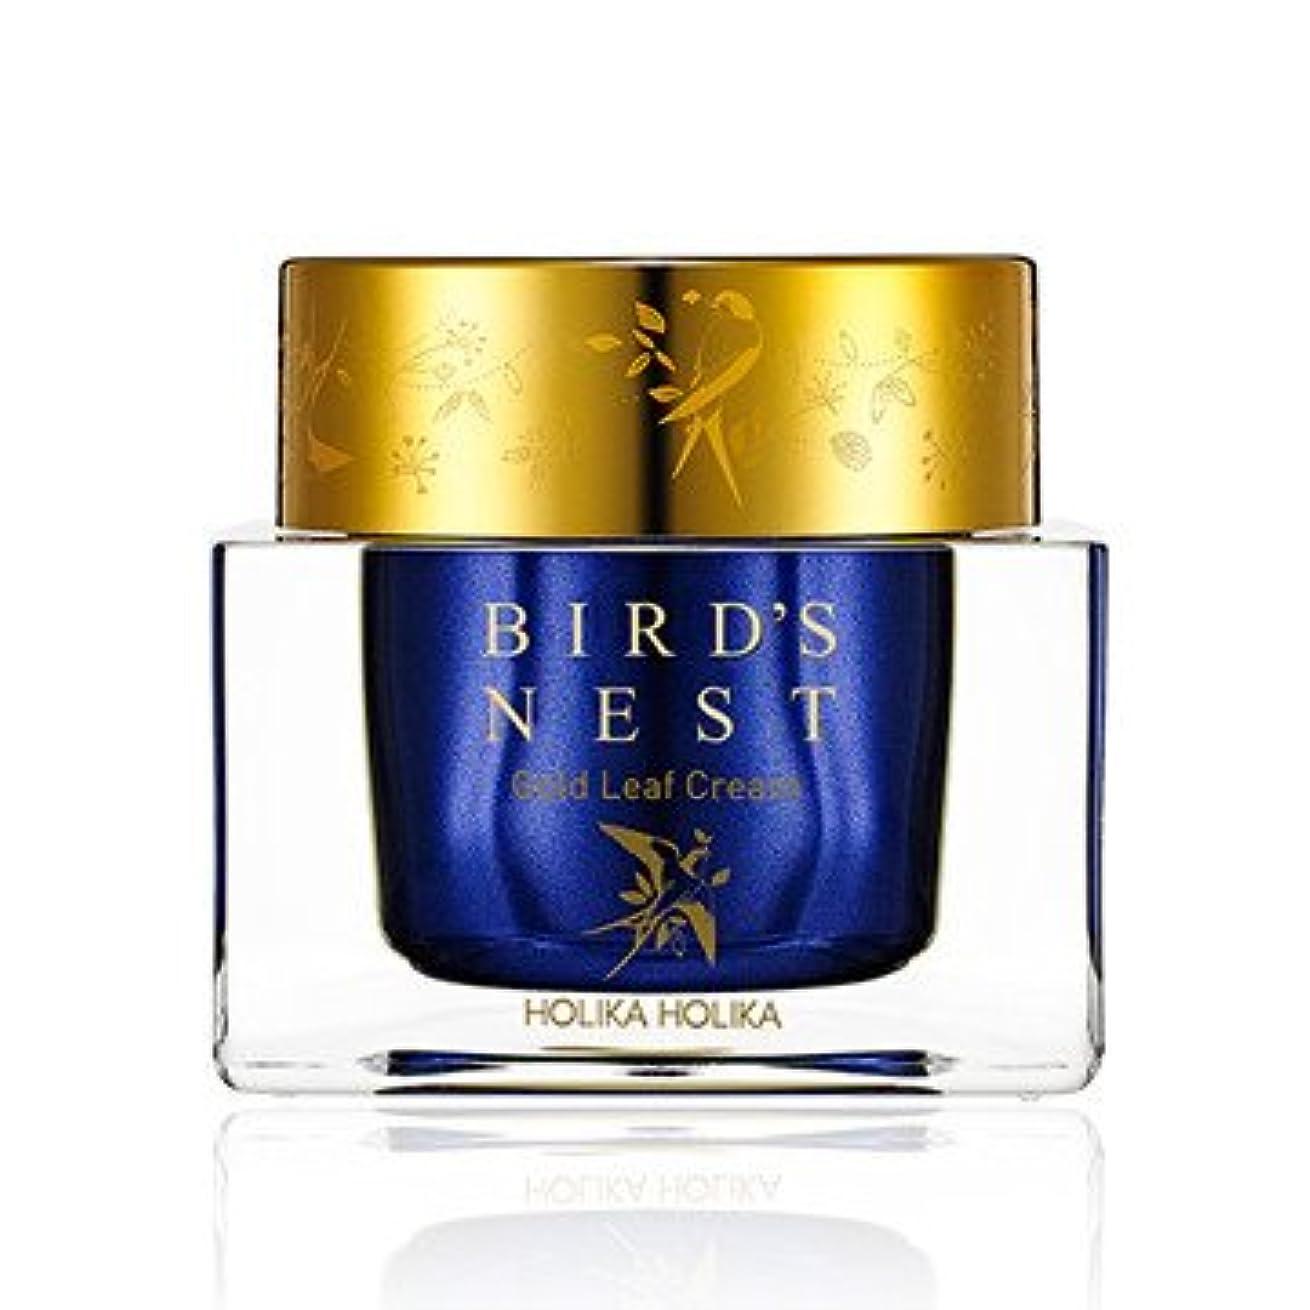 分解する顔料クラフト[2018 NEW] ホリカホリカ プライムユース バーズネスト ゴールドリーフ クリーム/Holika Holika Prime Youth Birds Nest Gold Leaf Cream 55ml [並行輸入品]